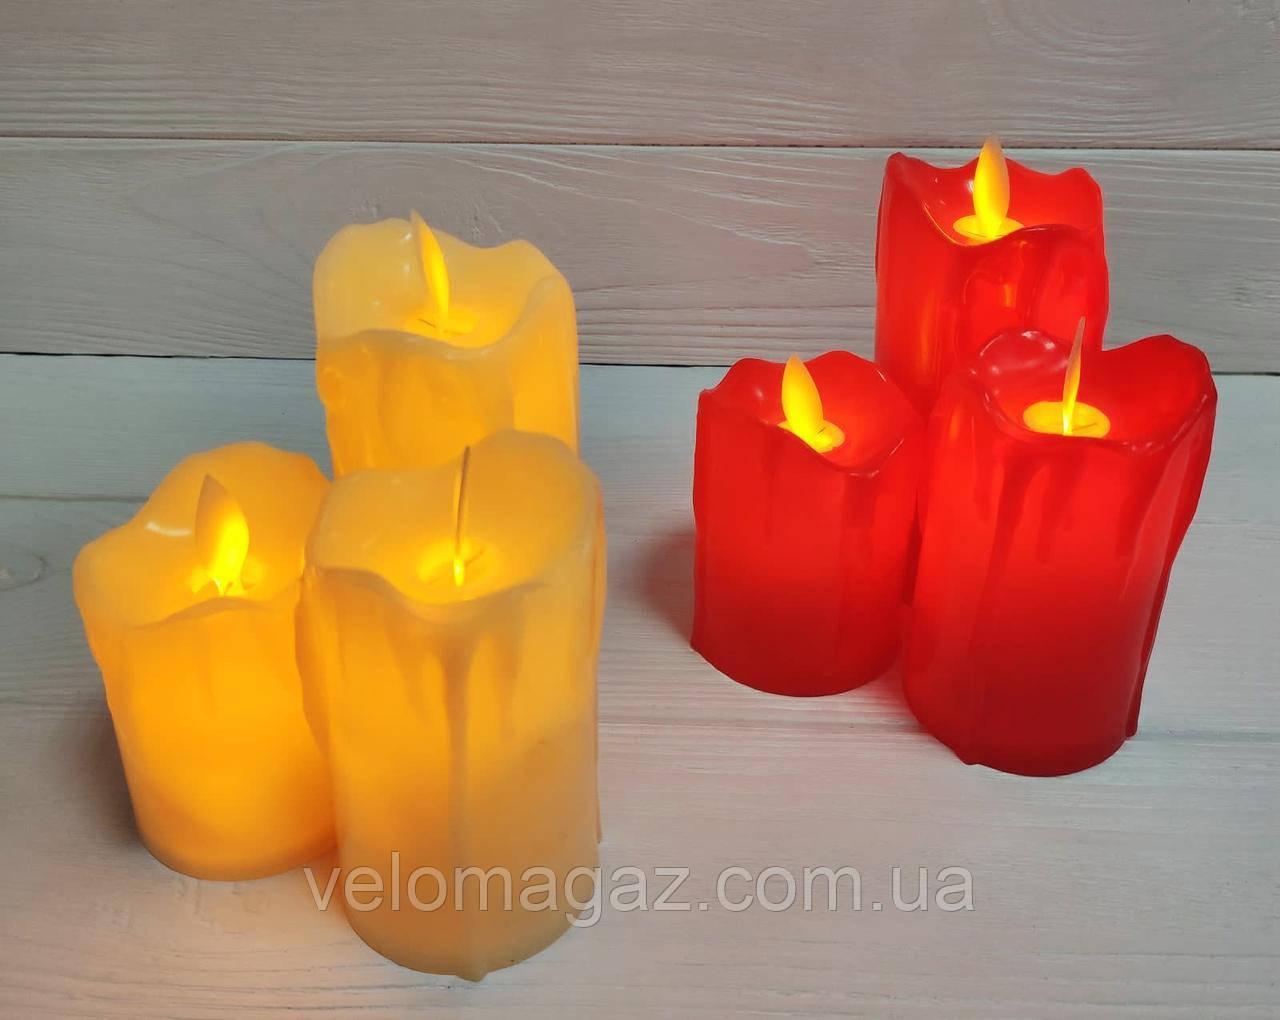 LED свічки з імітацією живого полум'я, червоний колір, ефект вітру!